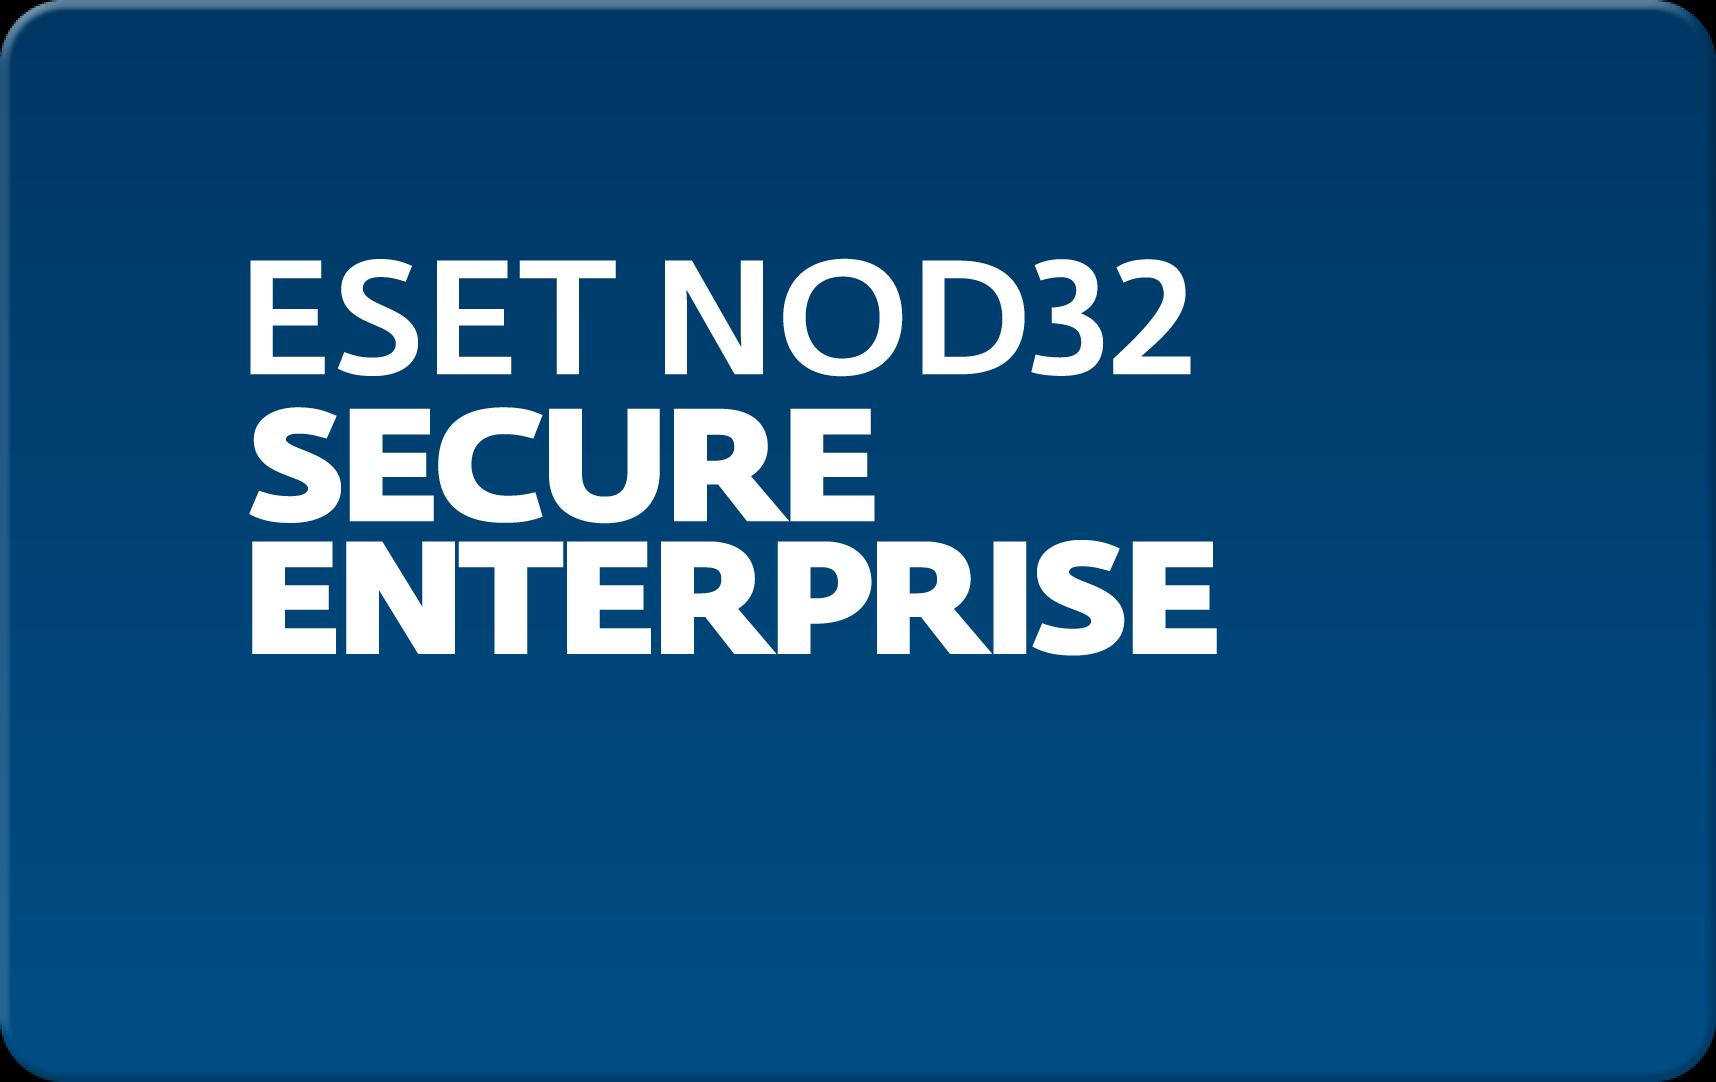 Кроссплатформенная антивирусная защита всех узлов корпоративной сети Eset NOD32 Secure Enterprise  для 199 пользователей